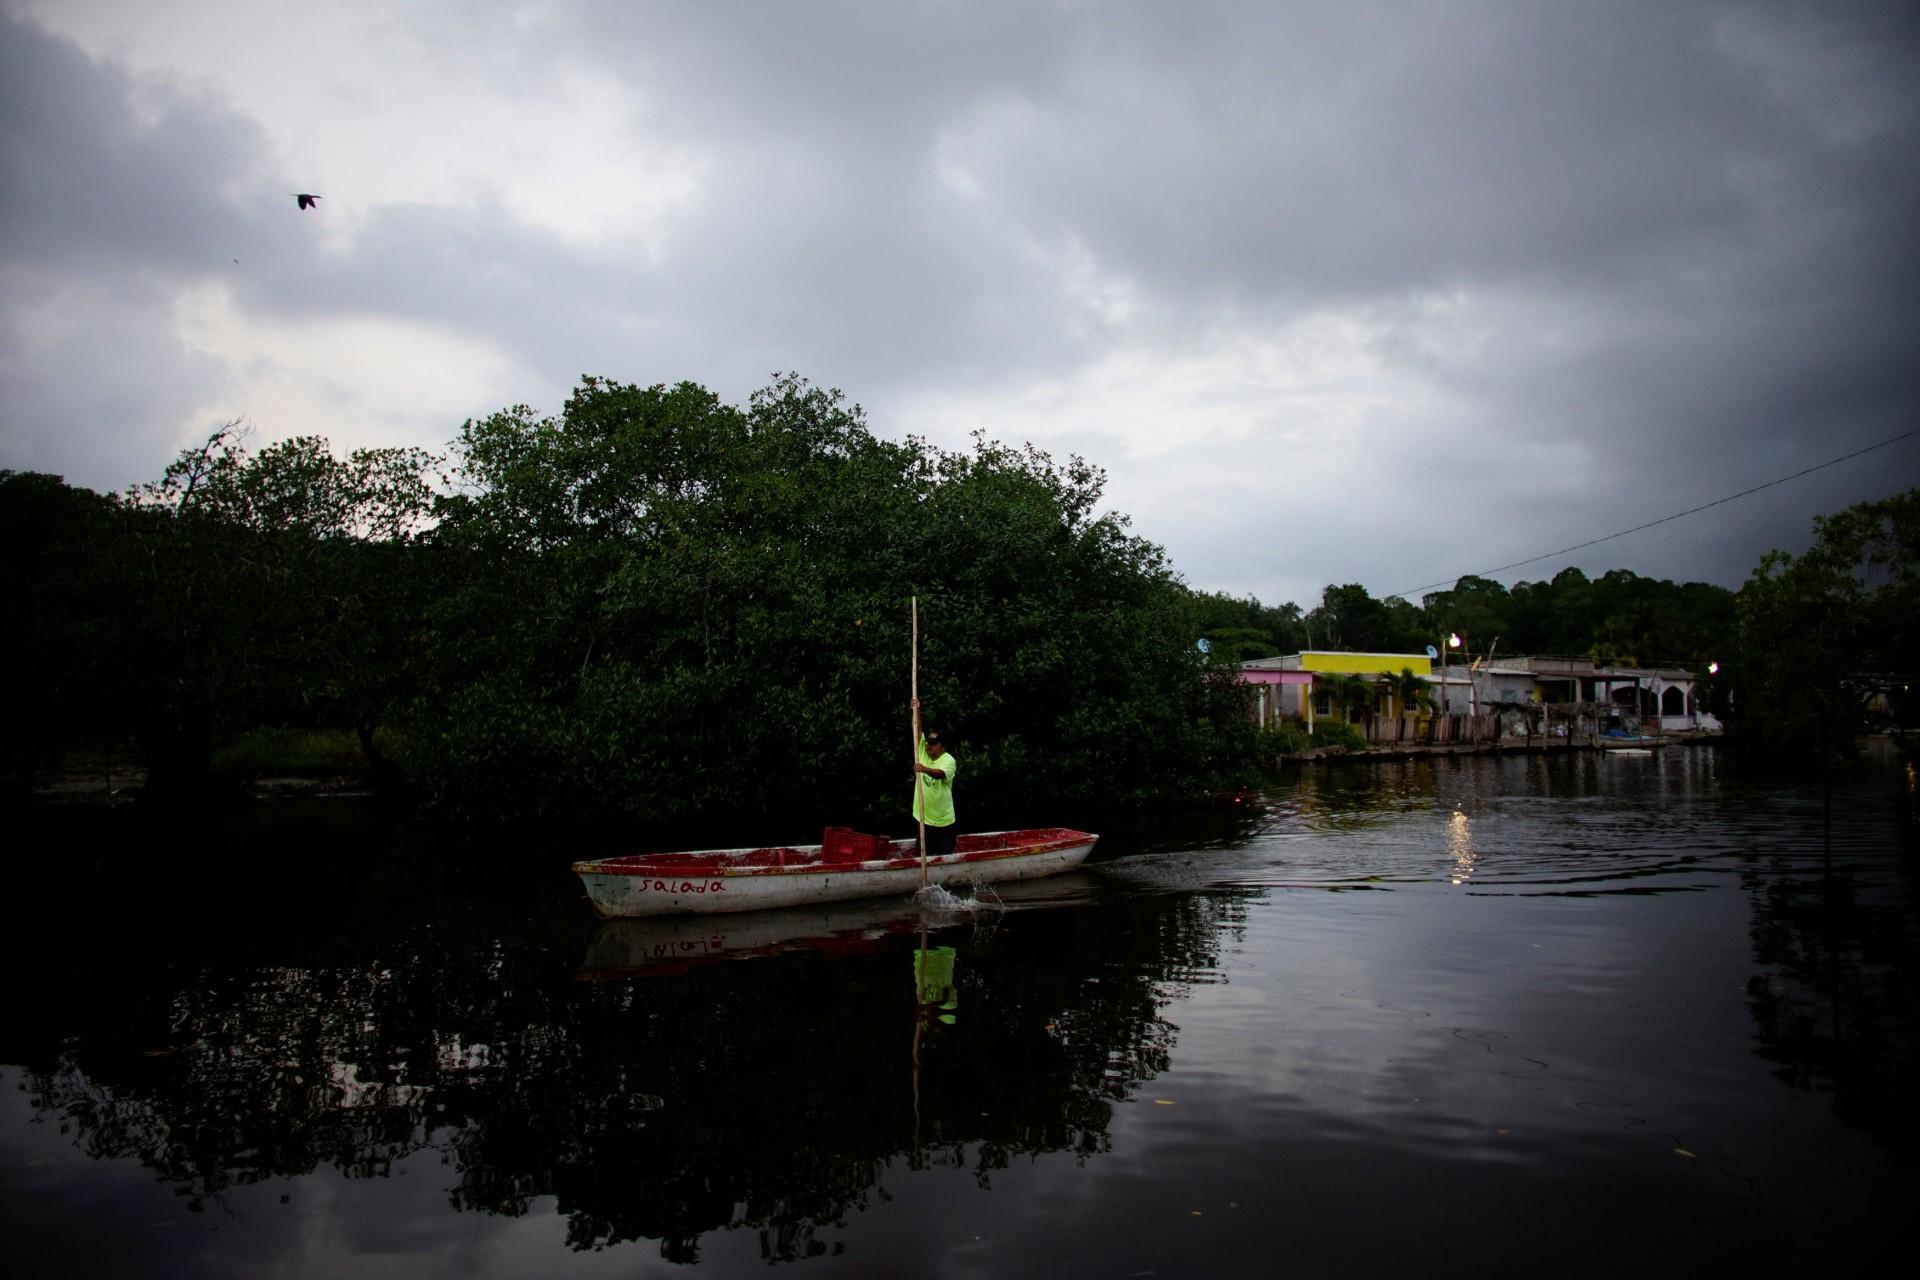 Un hombre maneja un bote en un área de manglares en el pueblo de Chiltepec, en Paraiso, México, el 9 de diciembre de 2018.